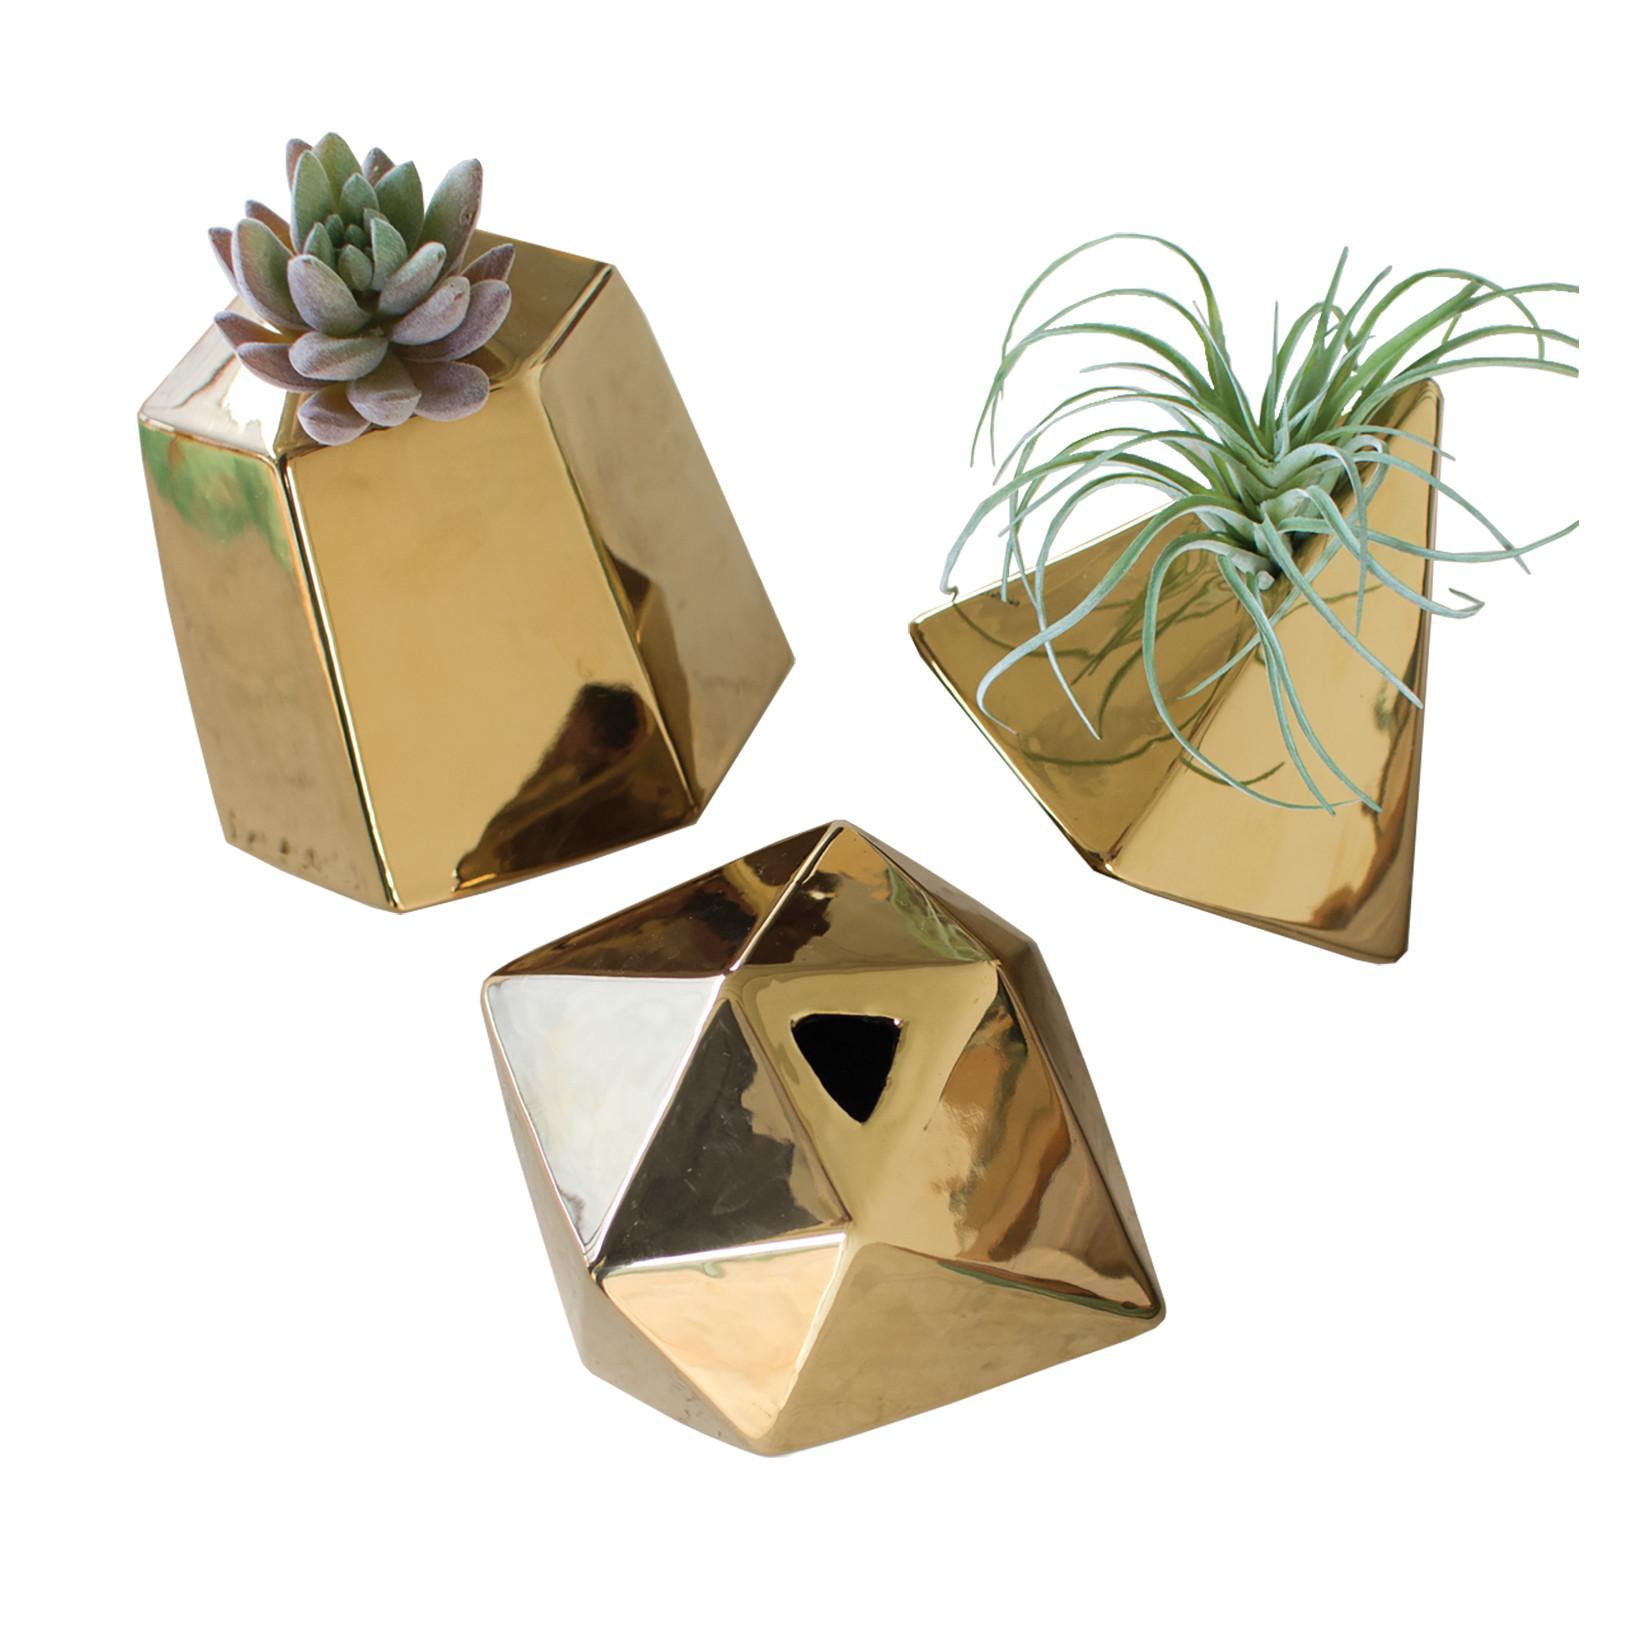 Three_Ceramic_Gold_Geometric_Succulent_Vases.jpg